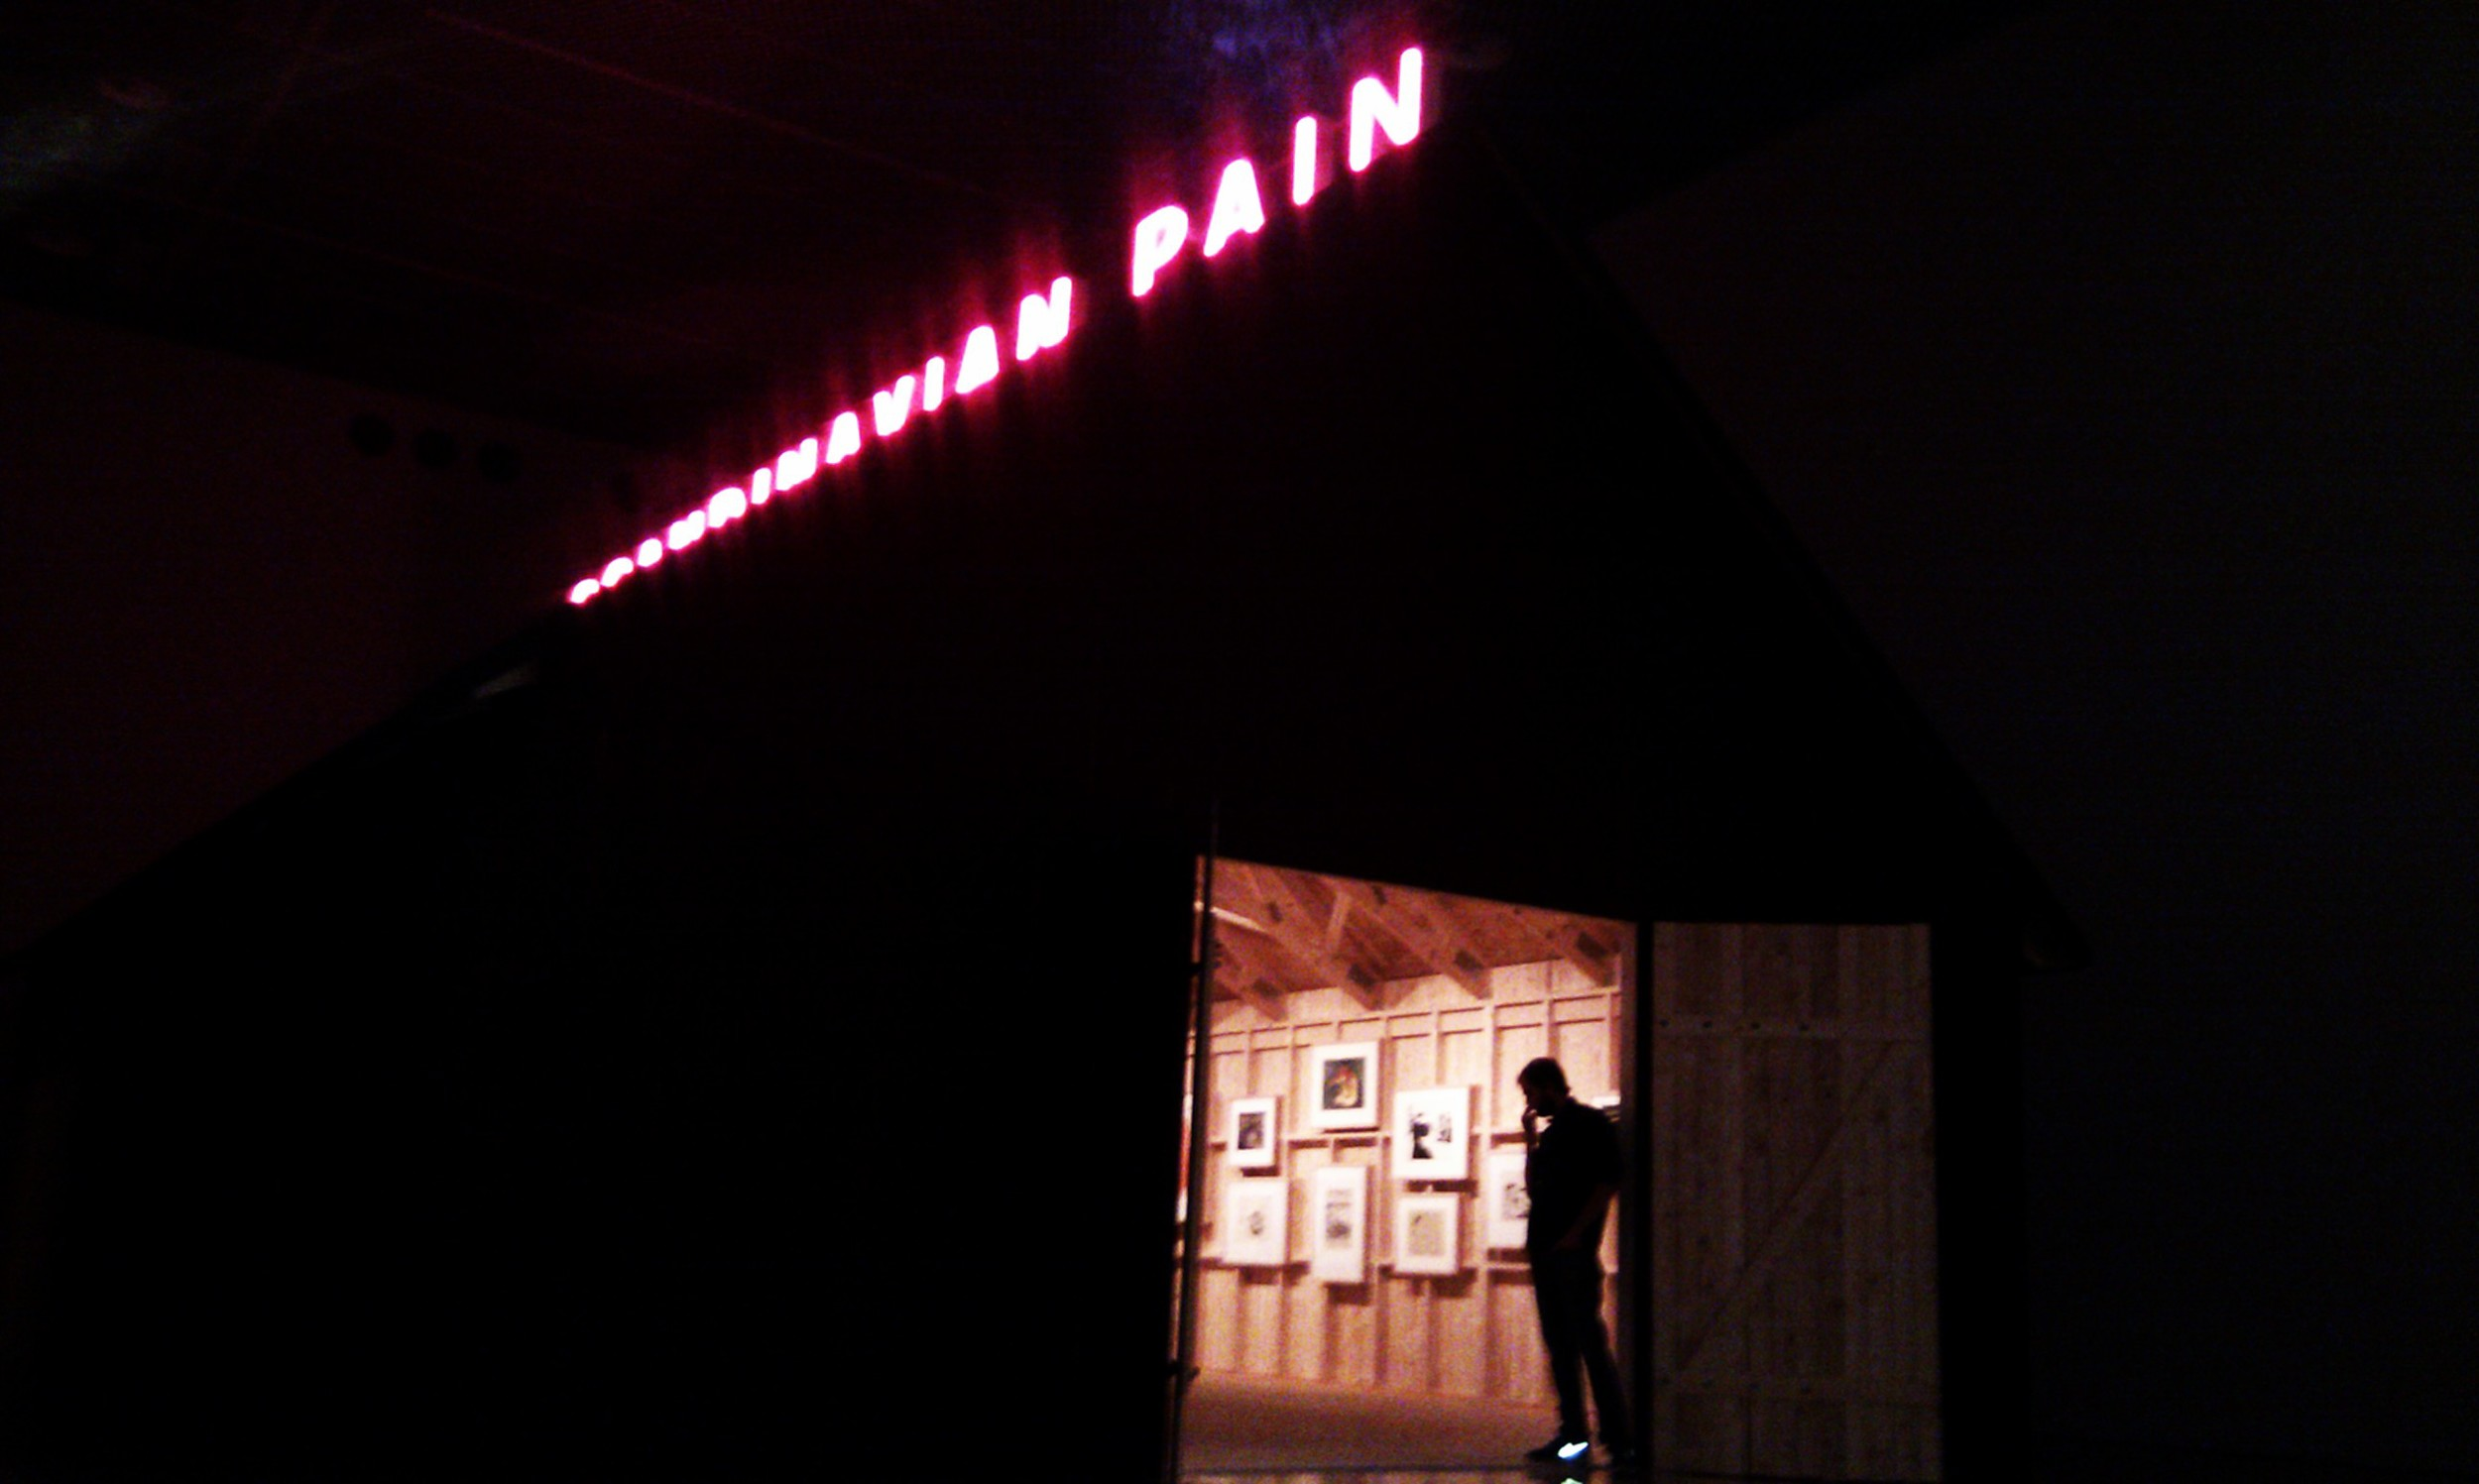 Scandinavian Pain @ Malmo Museum of Modern Art